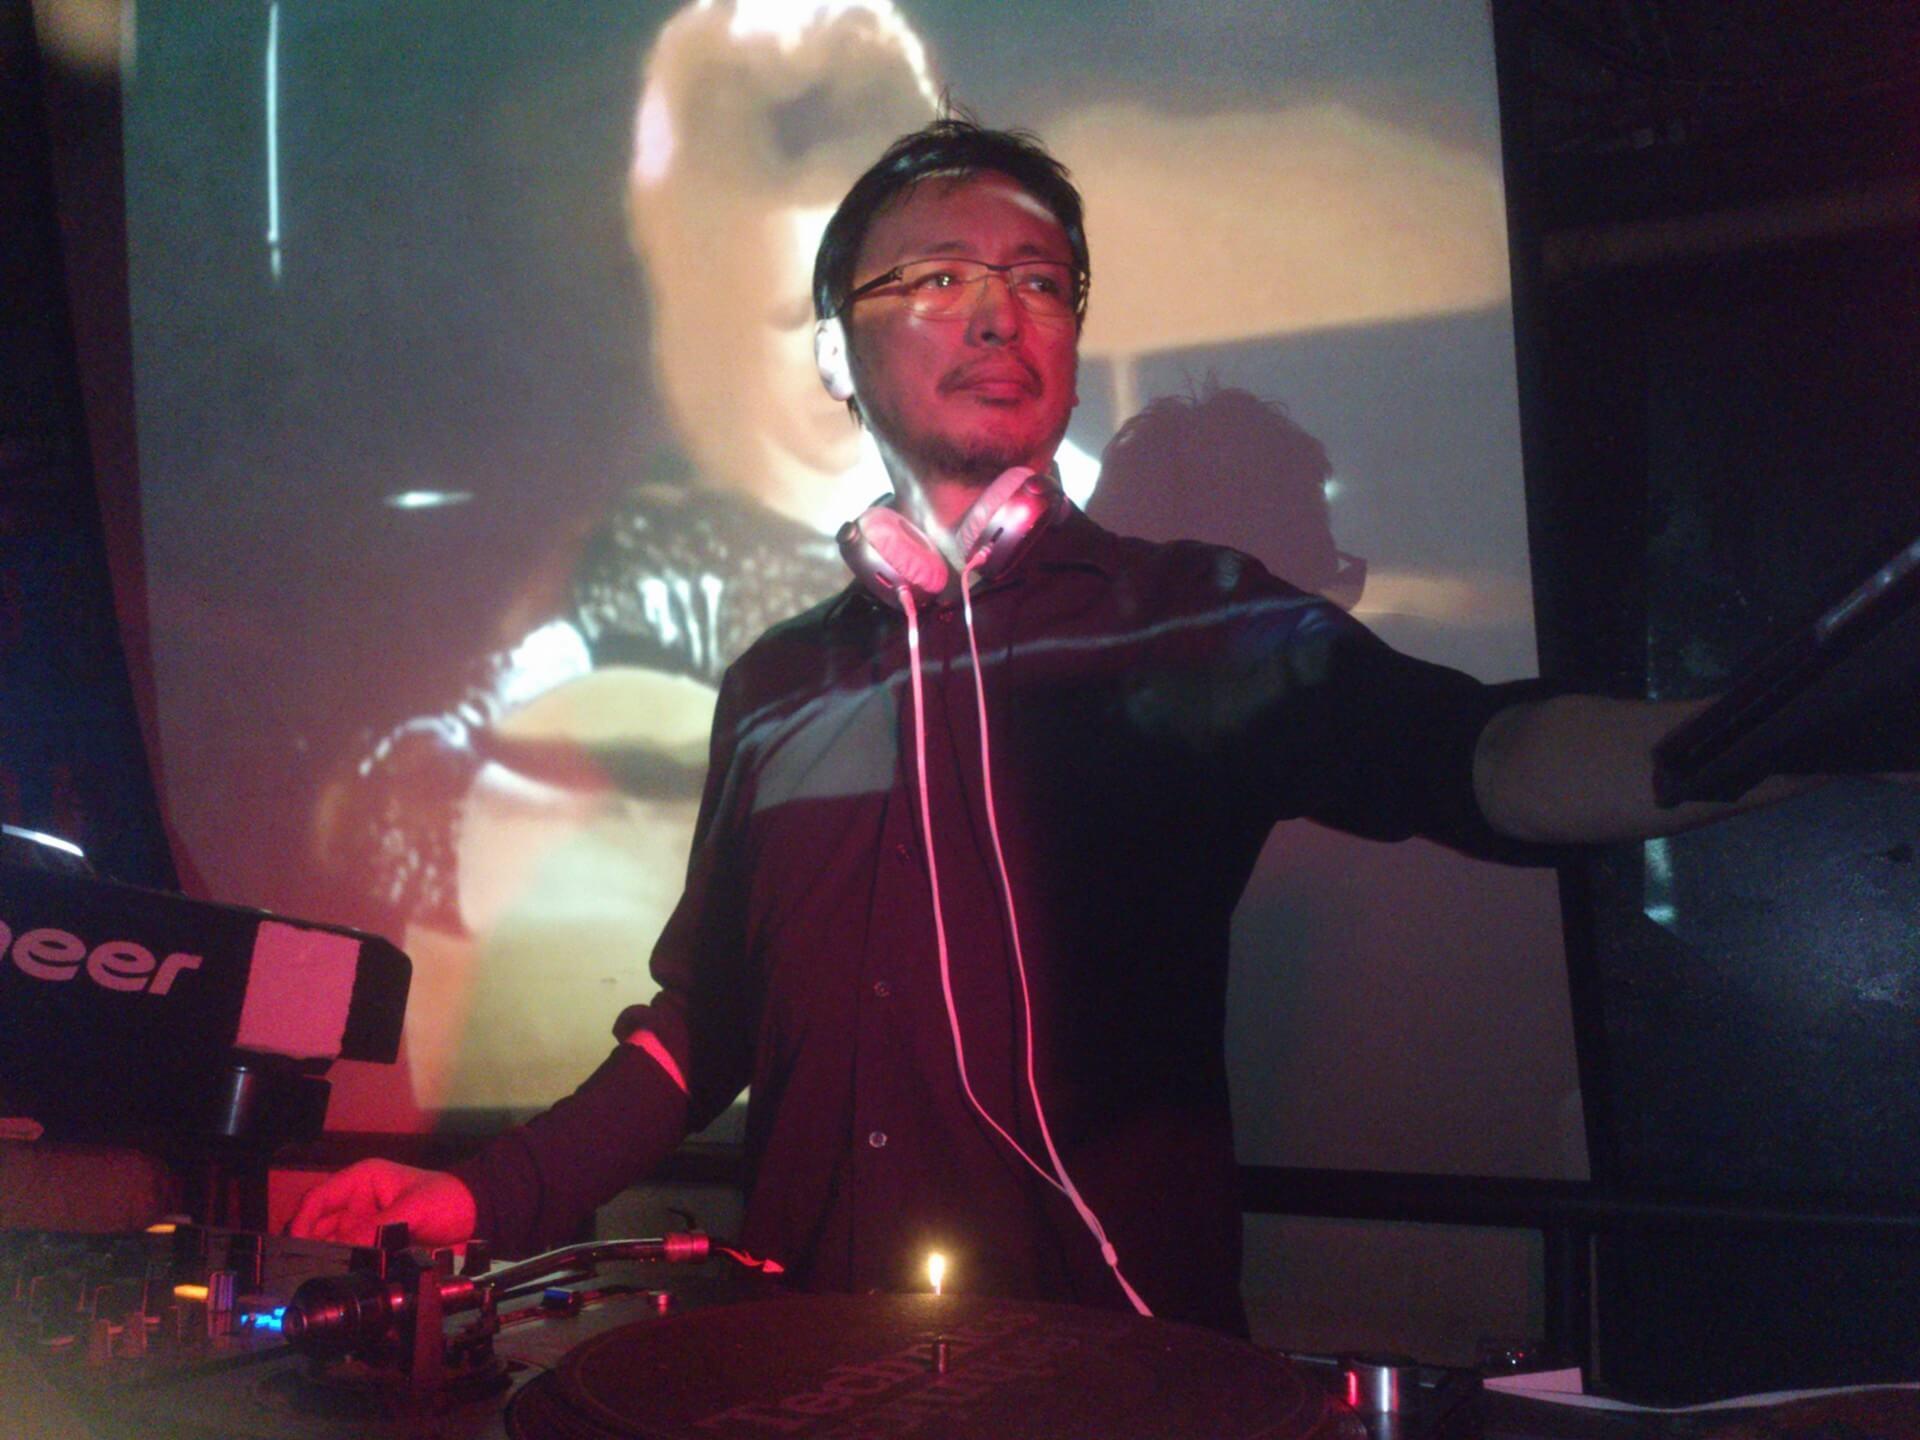 ダムタイプの故・古橋悌二生誕記念パーティー<LOVERS 60>が京都CLUB METROで50人限定で開催!当日は無料配信も ac200709_lovers60_02